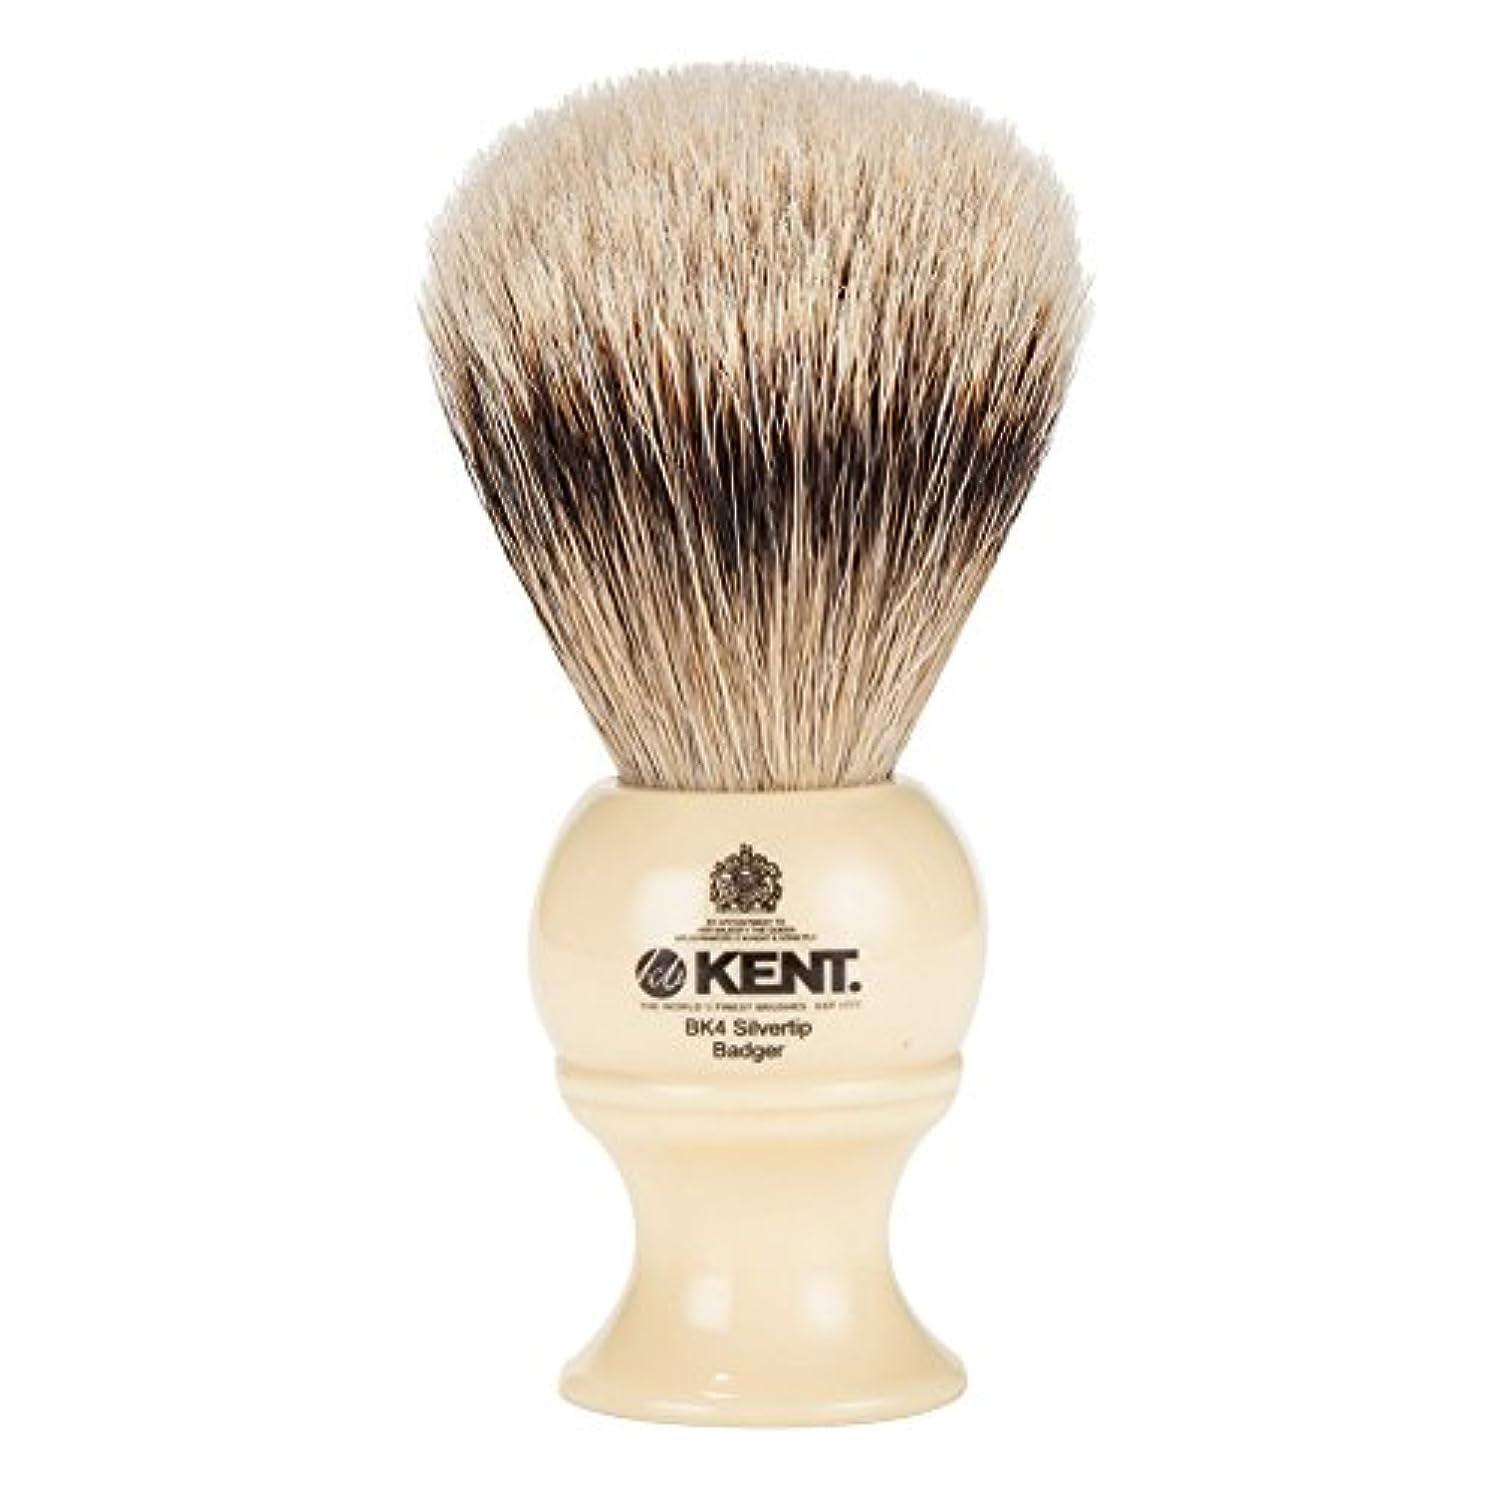 胃差別する等価[ ケント ブラシ ] Kent Brush シルバーチップアナグマ シェービングブラシ (Mサイズ) BK4 ホワイト 髭剃り [並行輸入品]